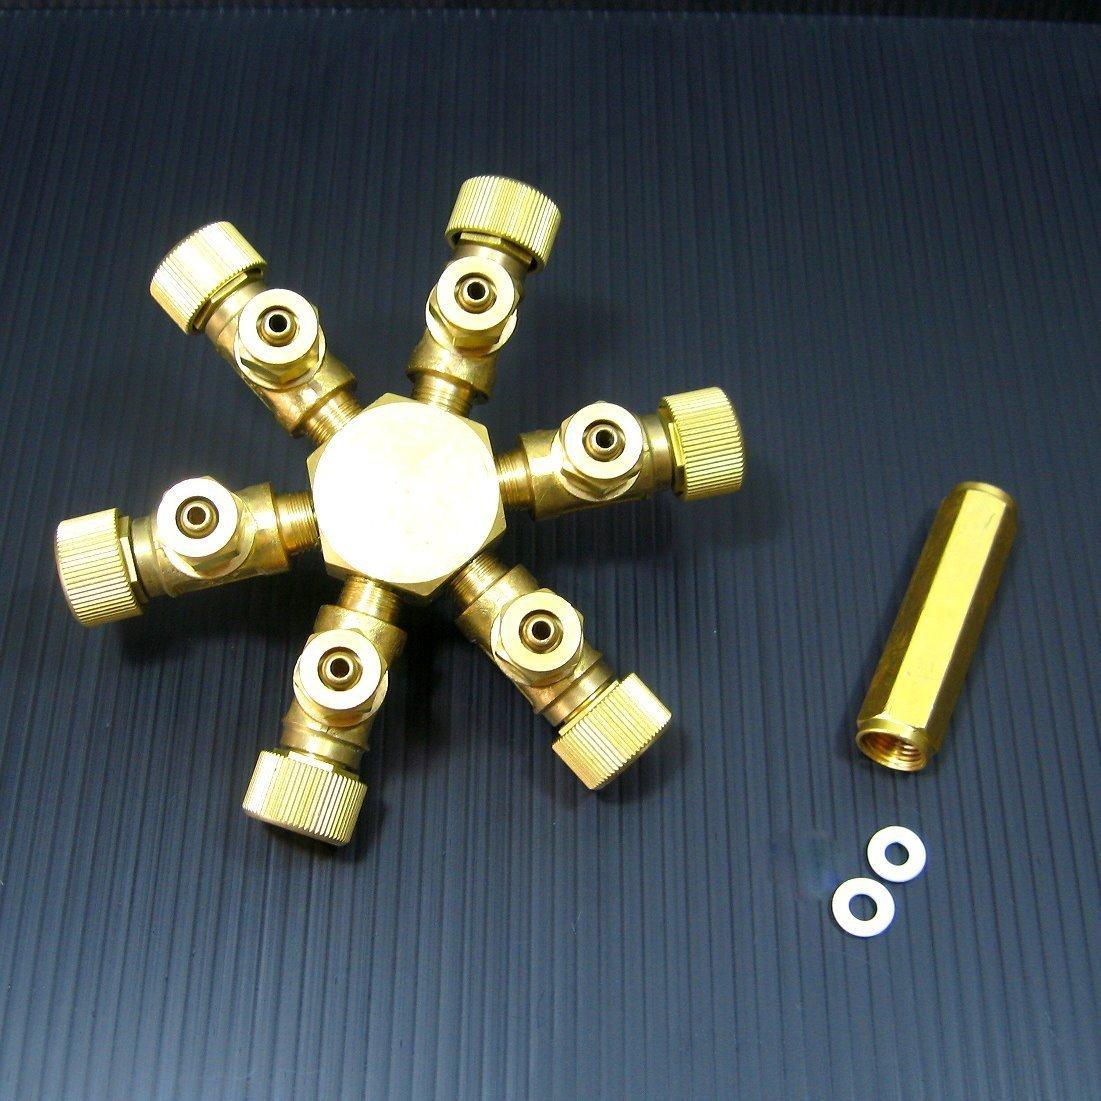 6 way Brass CO2 splitter Regulator Solenoid Diffuser